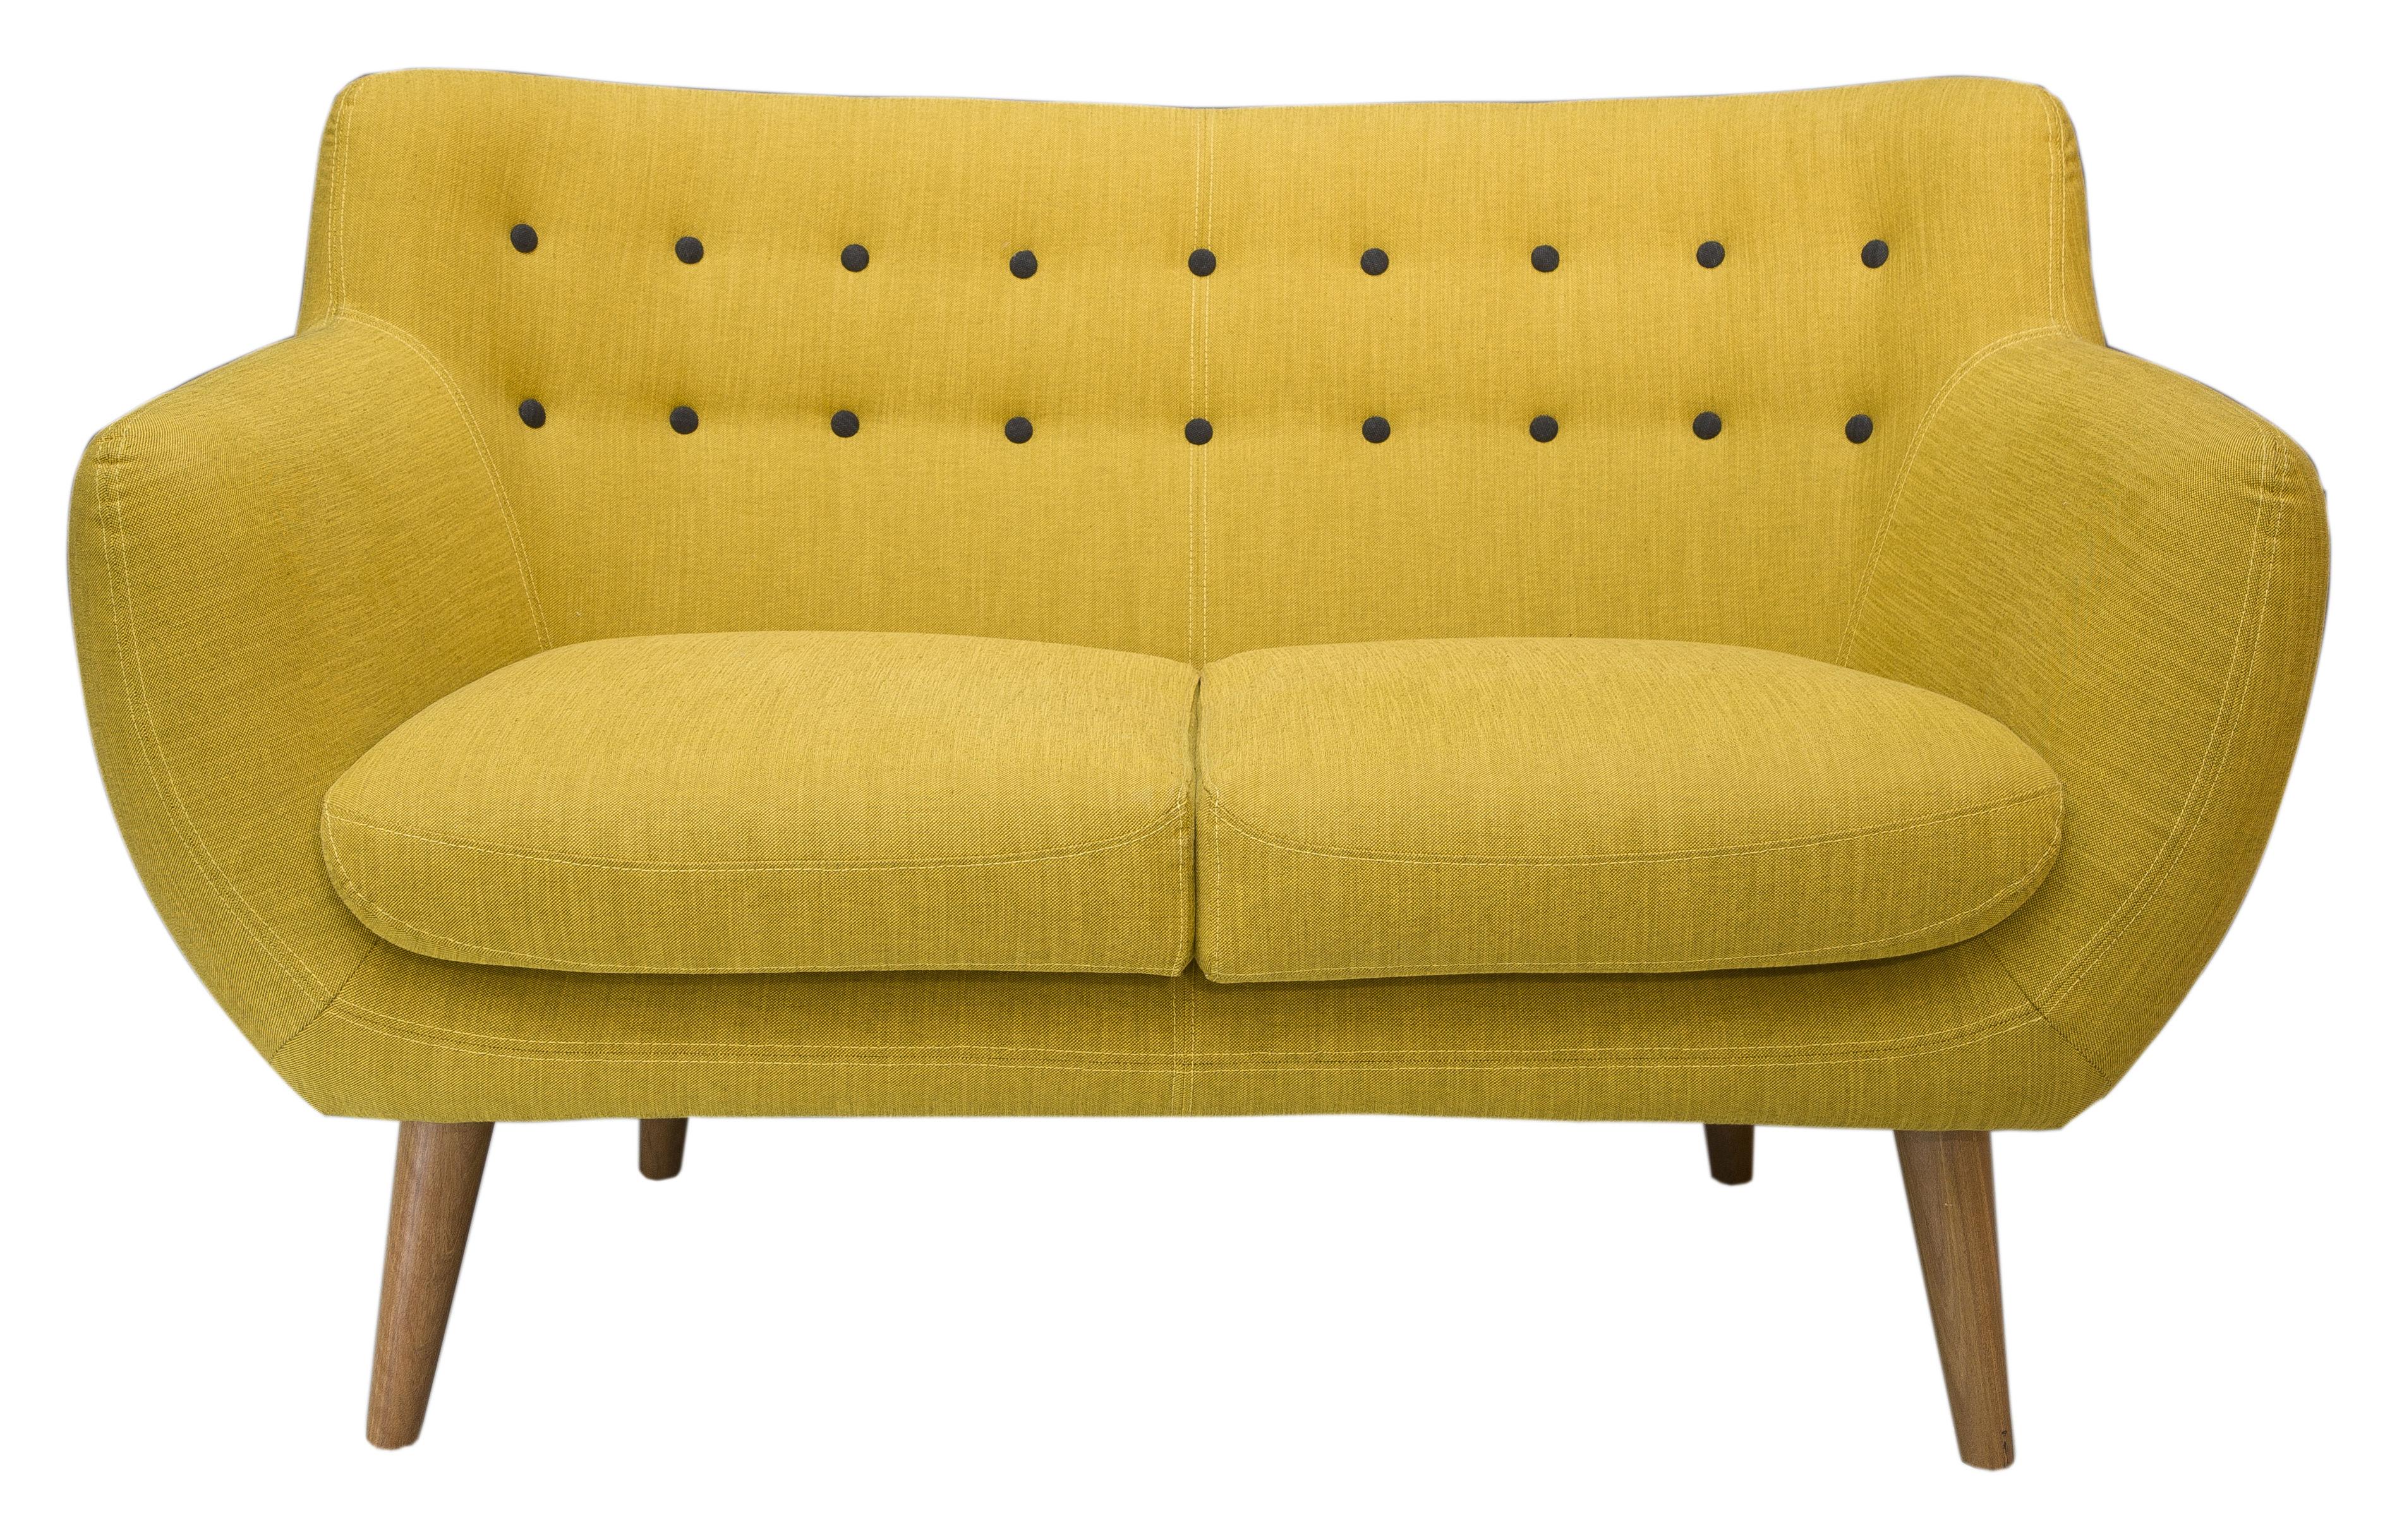 canap droit coogee 2 places l 132 cm jaune citron boutons noir de jais sentou edition. Black Bedroom Furniture Sets. Home Design Ideas